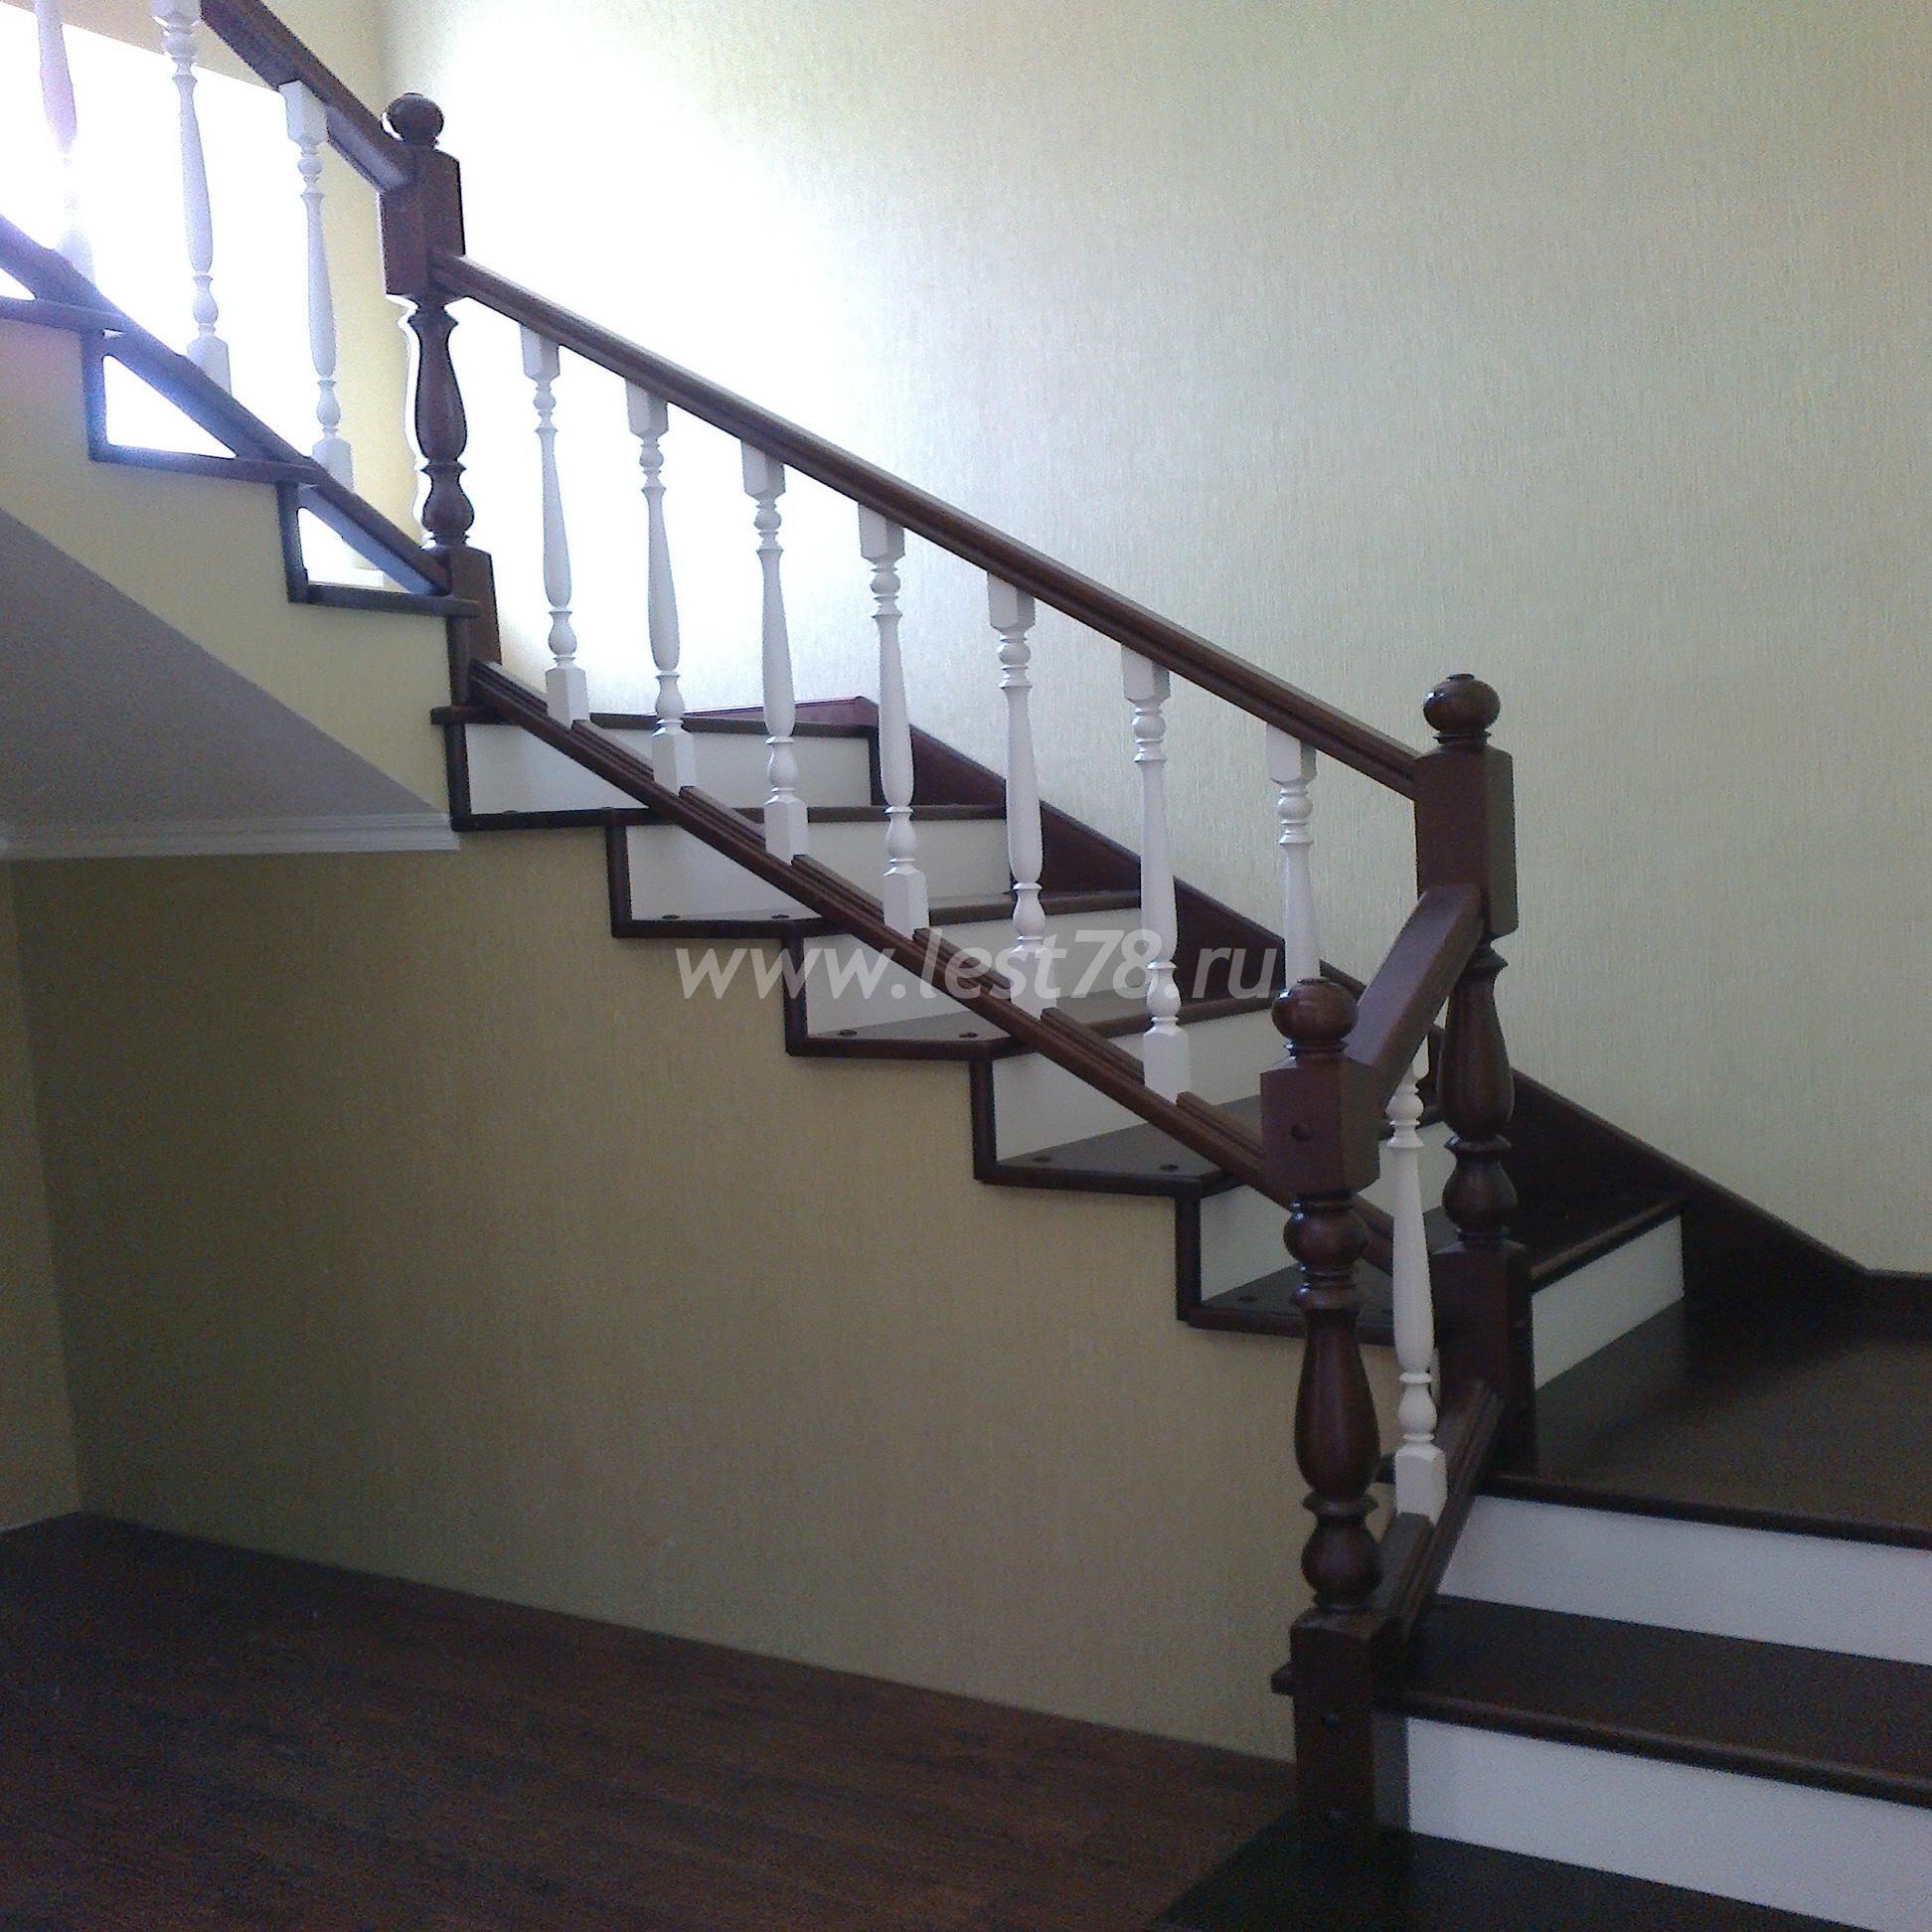 Деревянные балясины для лестниц фото